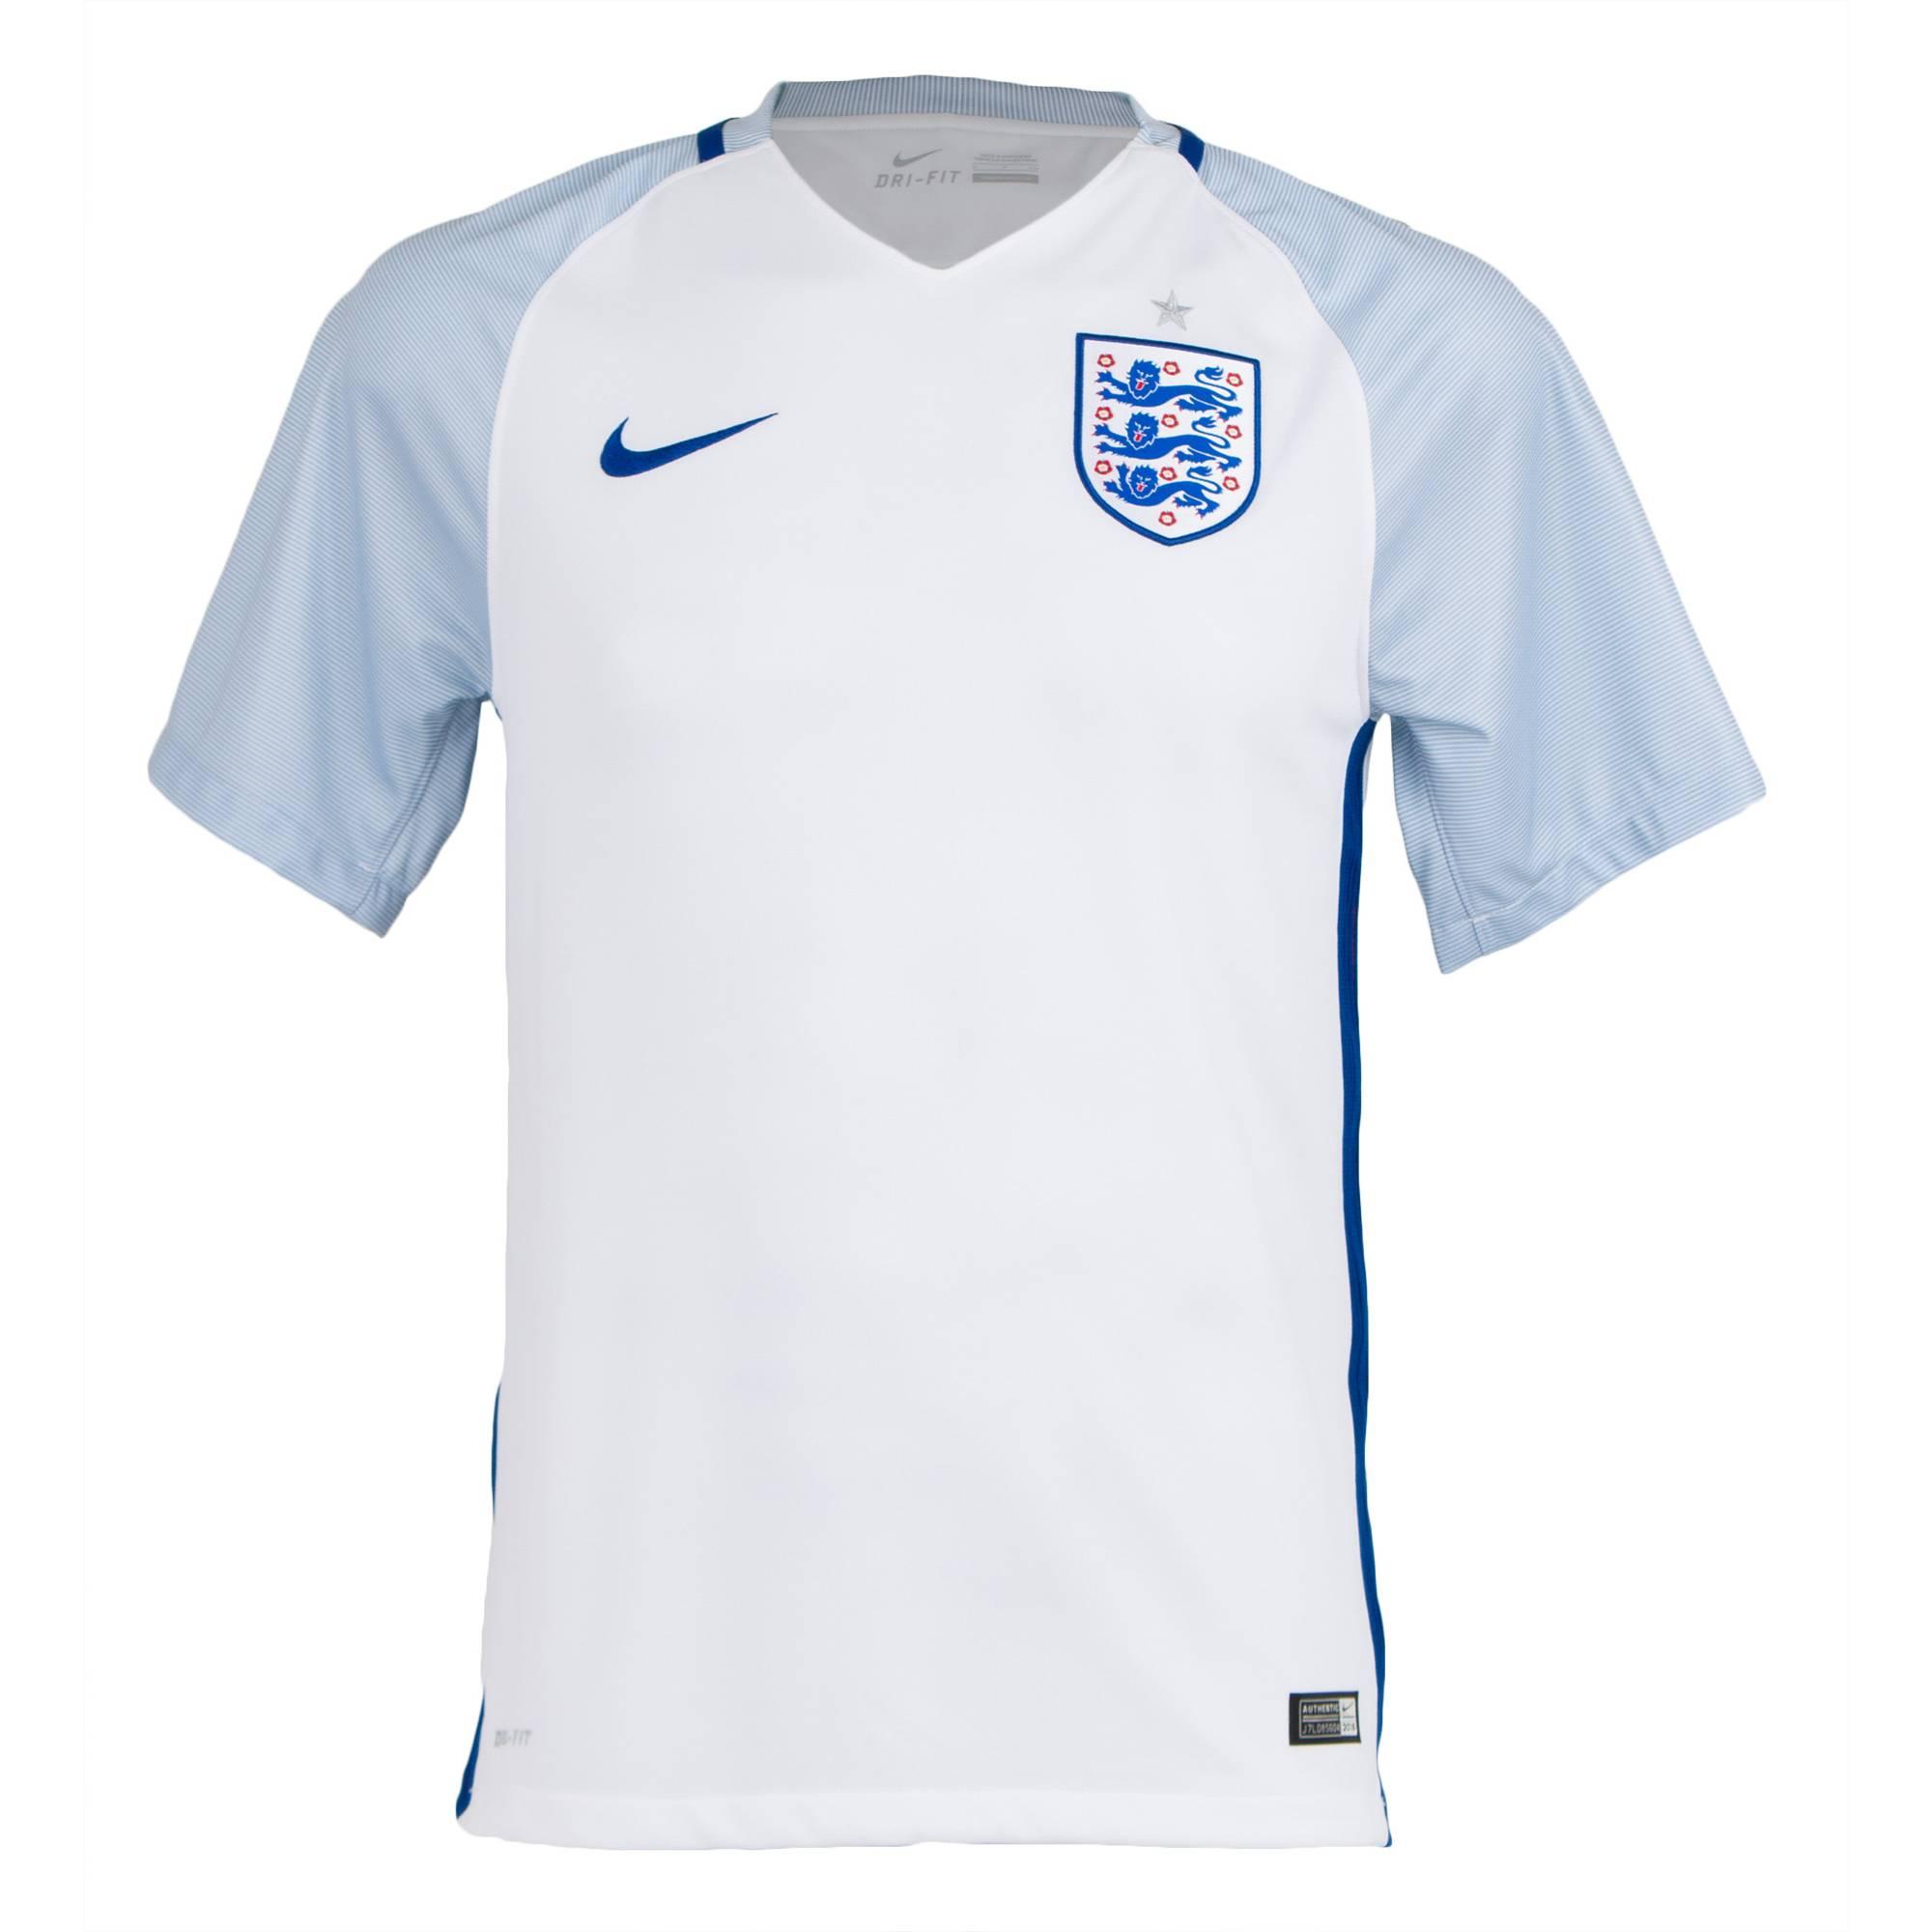 NIKE - Camiseta Selección Inglesa Fútbol Stadium Home 2016. Loading zoom 060e7ca0b5a8e